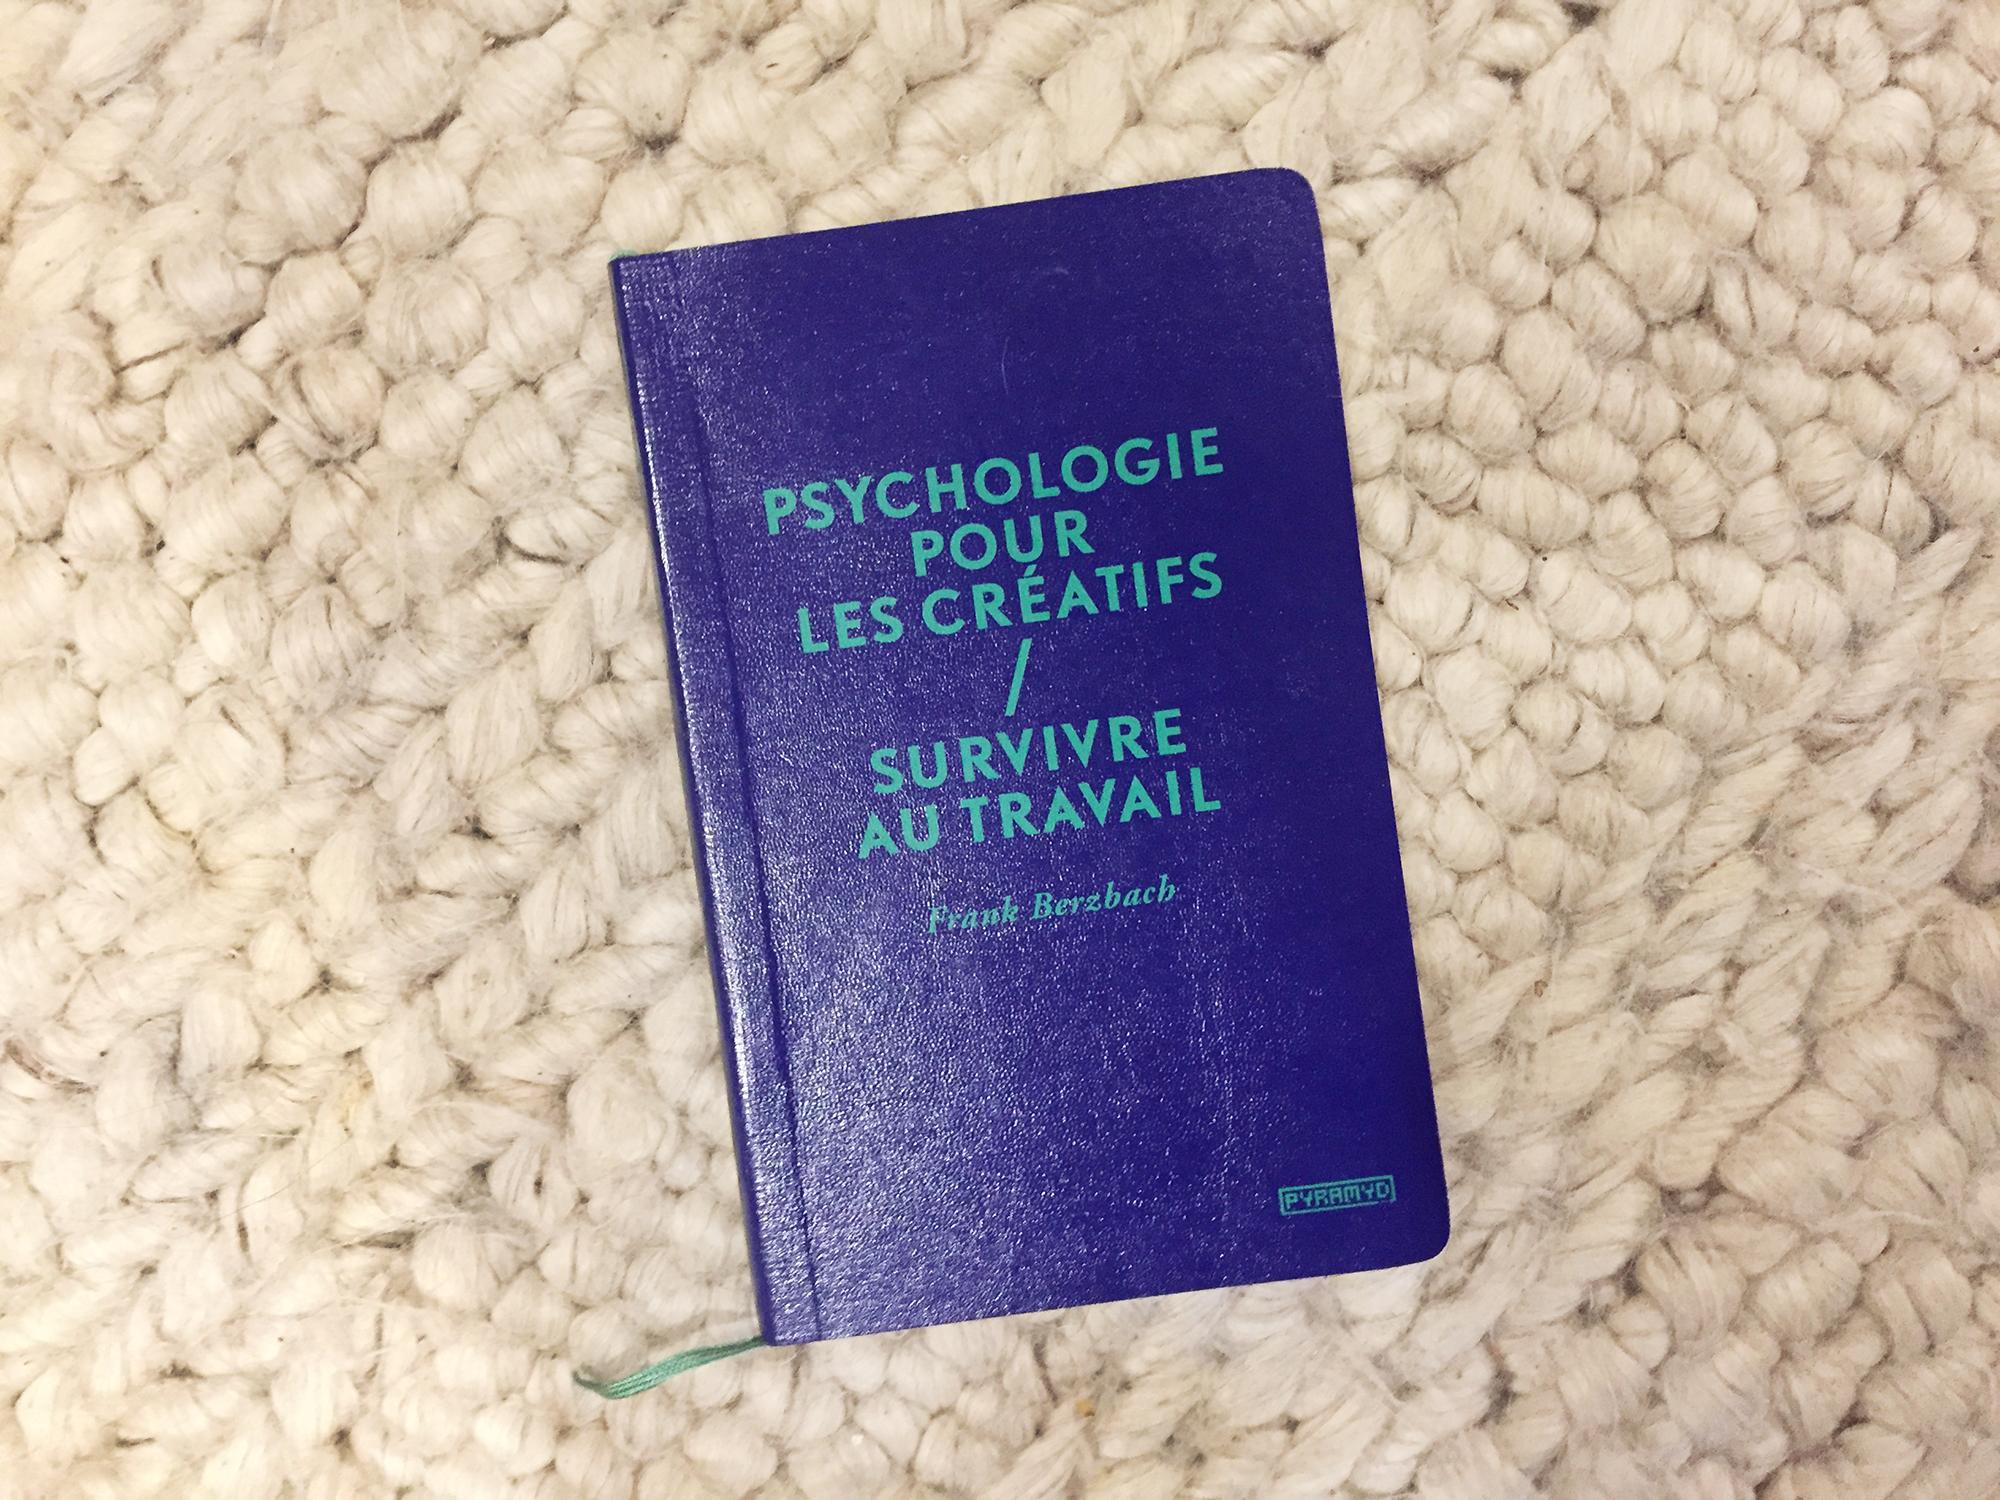 psychologie pour les créatifs, survivre au travail